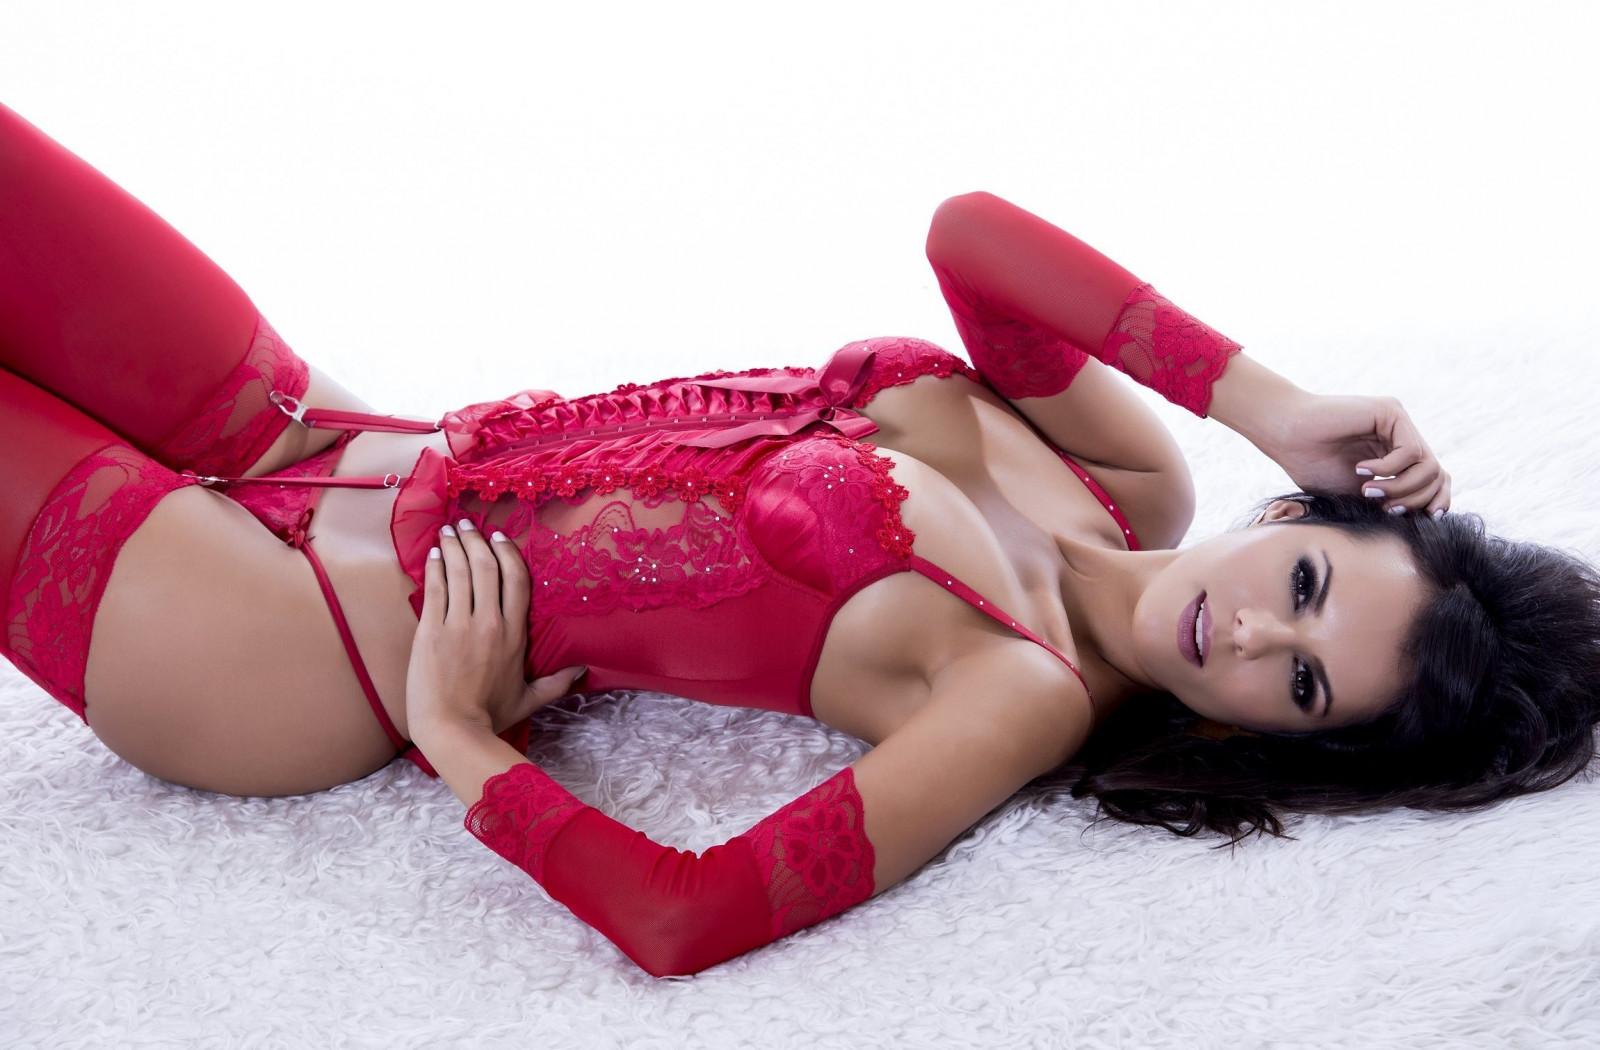 Девушка в красном в чулках #10